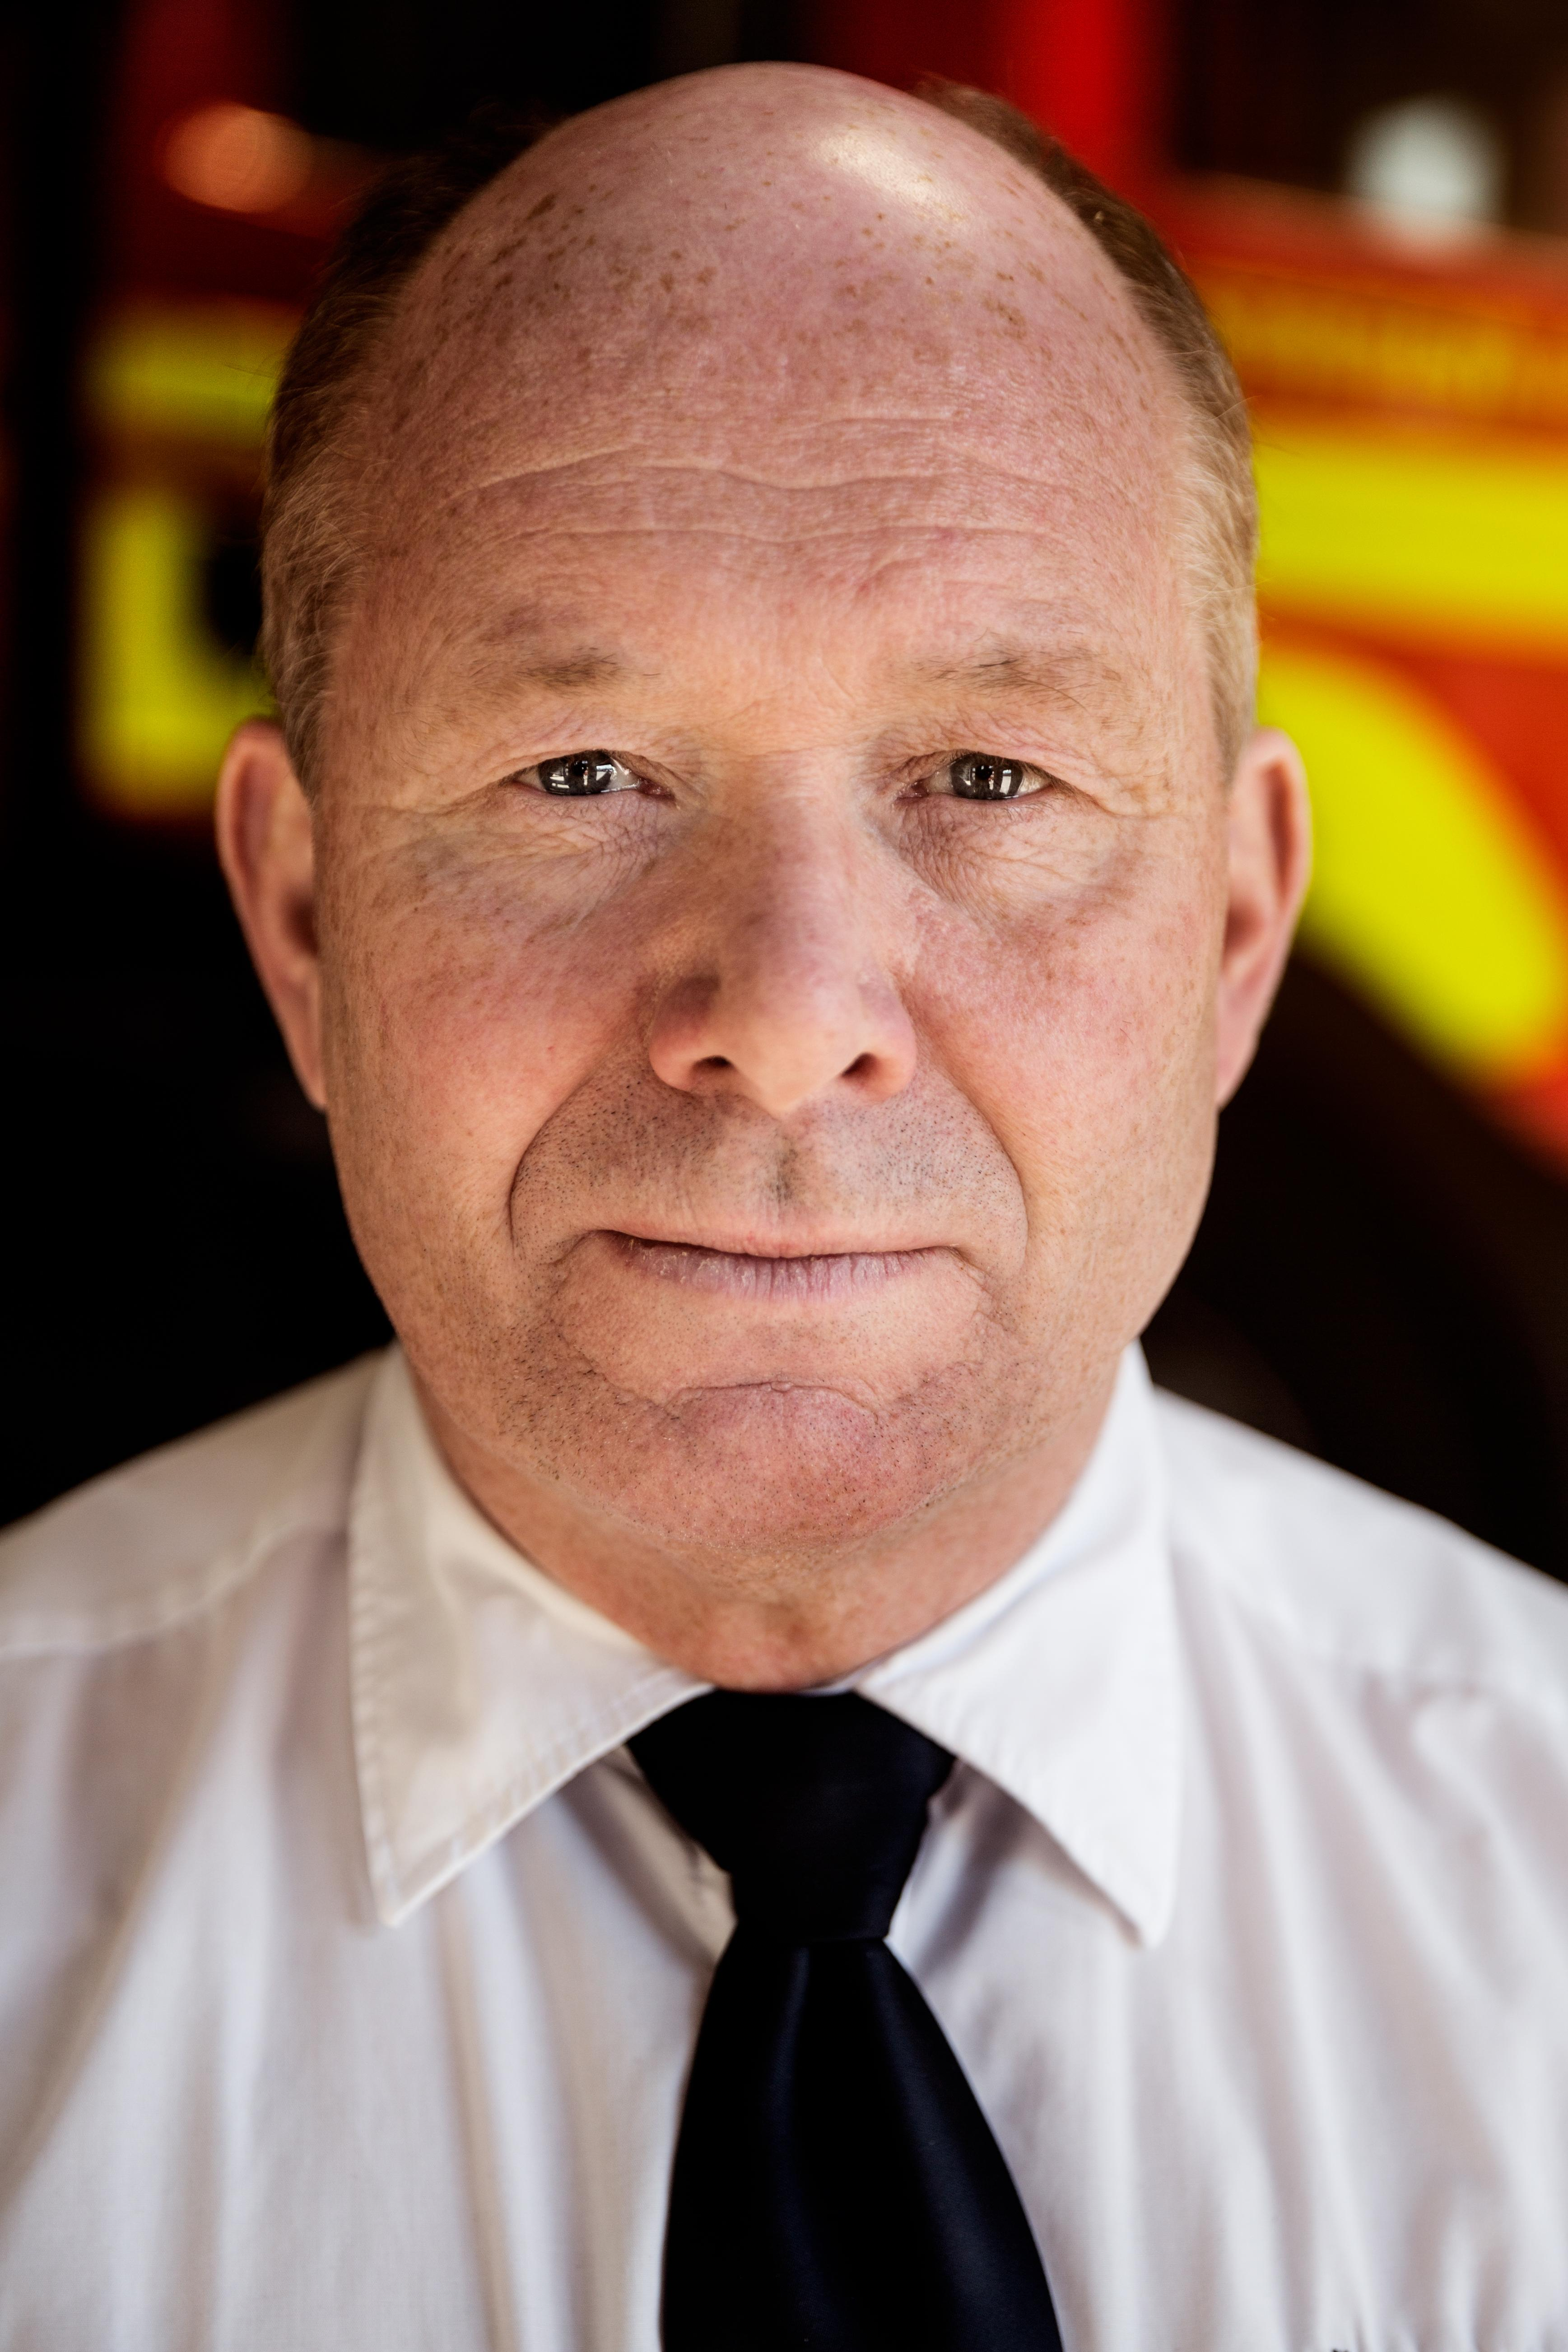 Mats Jansson är räddningschef i Södra Dalarnas Räddningsförbund där kommunerna Avesta, Hedemora, Fagersta och Norberg ingår. Förbundet har sju räddningsstationer, 160 anställda och bildades 1998.